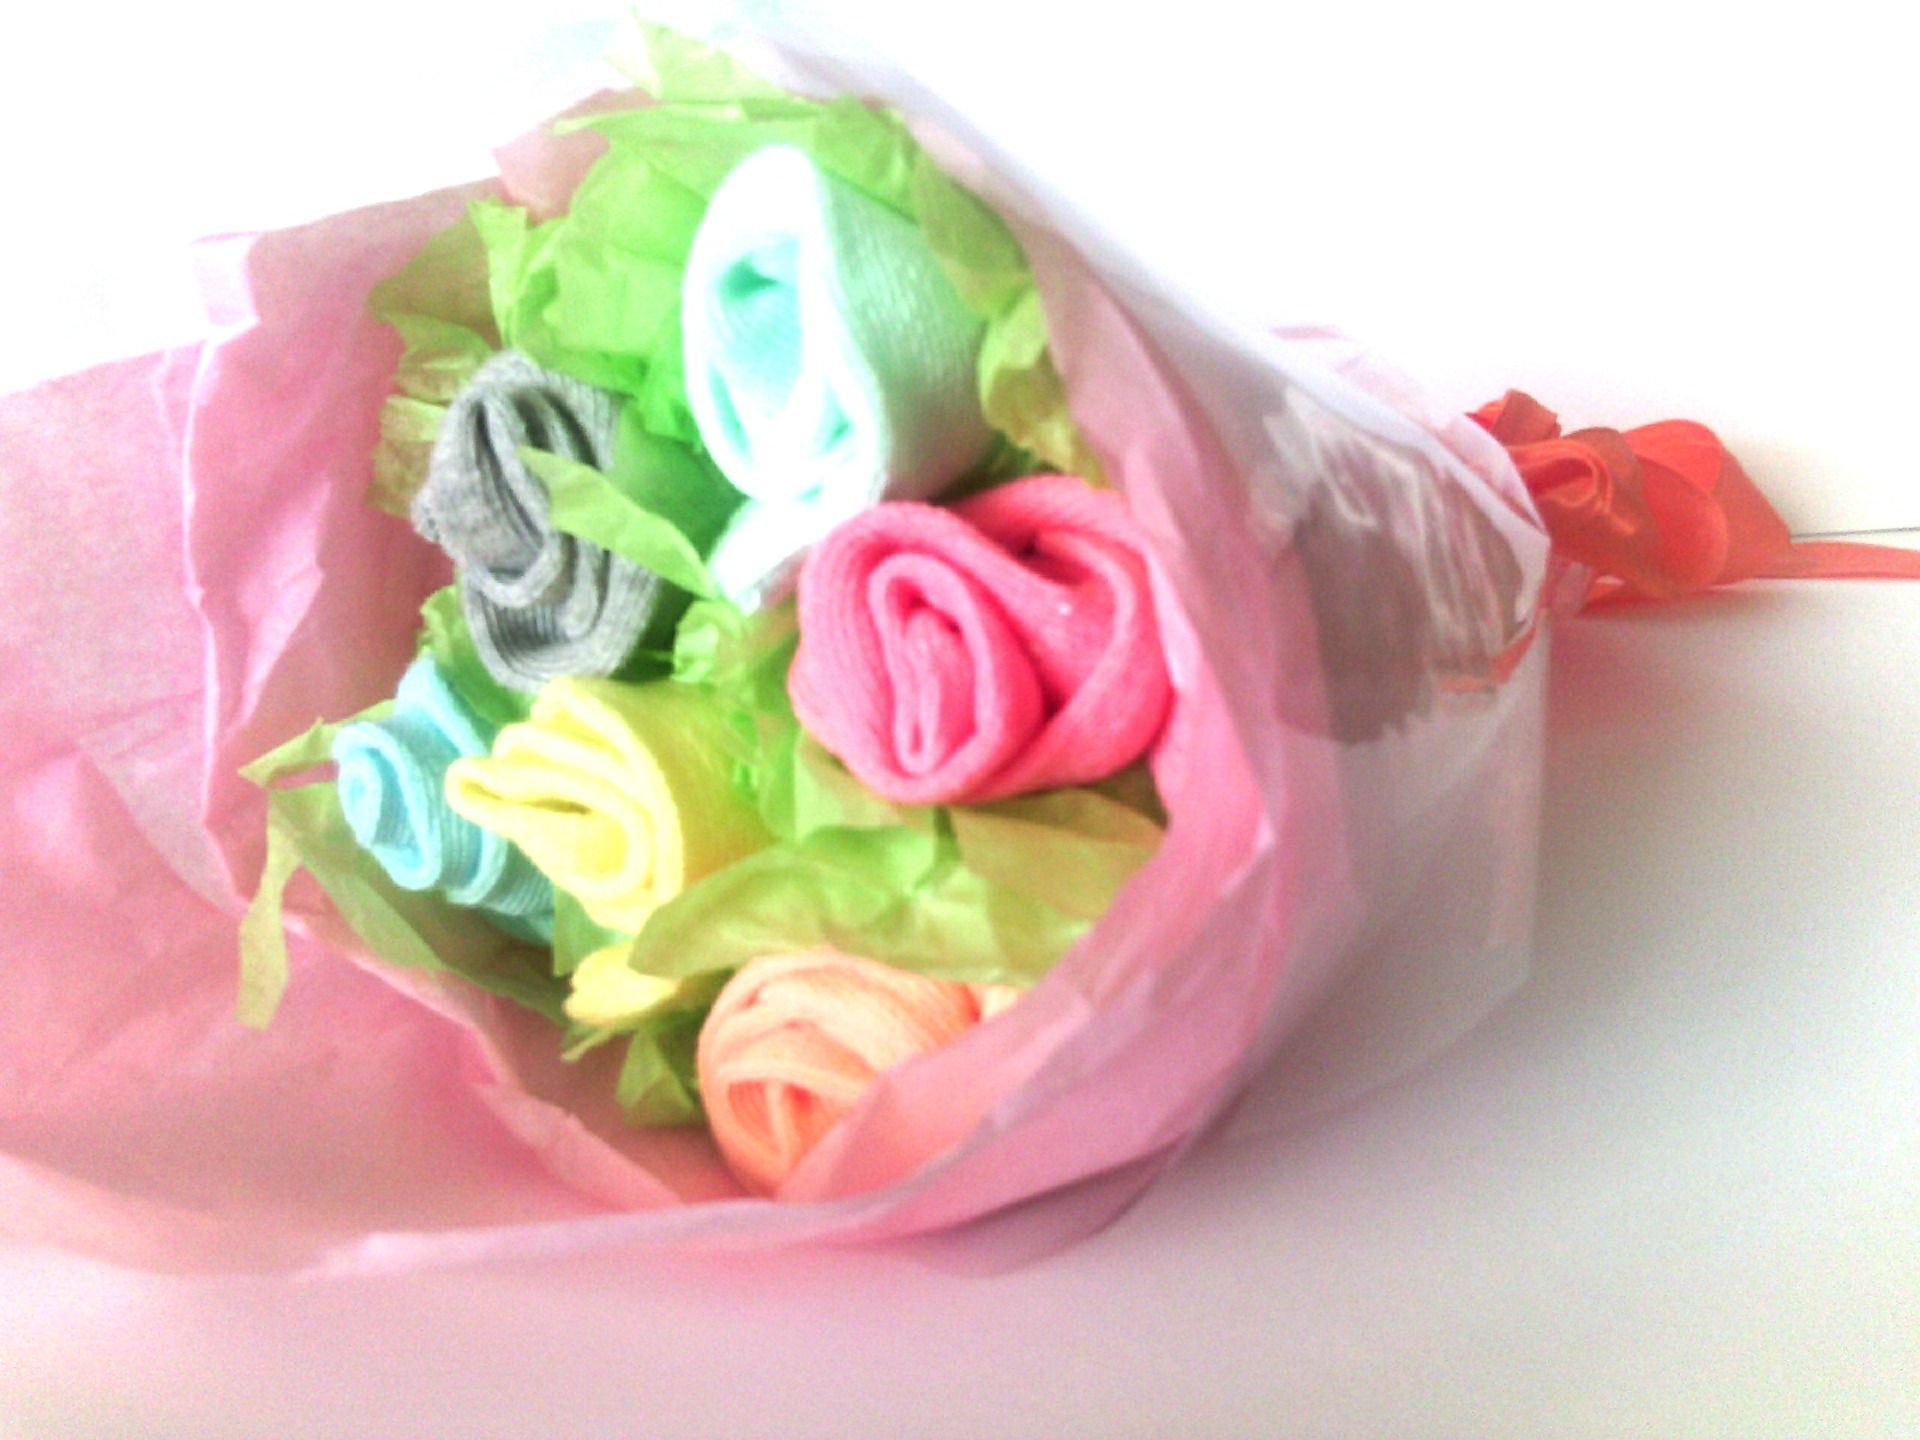 e4ebb82180af5 Cadeau de naissance original - babyshower Bouquet de fleurs-chaussettes  fille   Mode Bébé par 3kg190